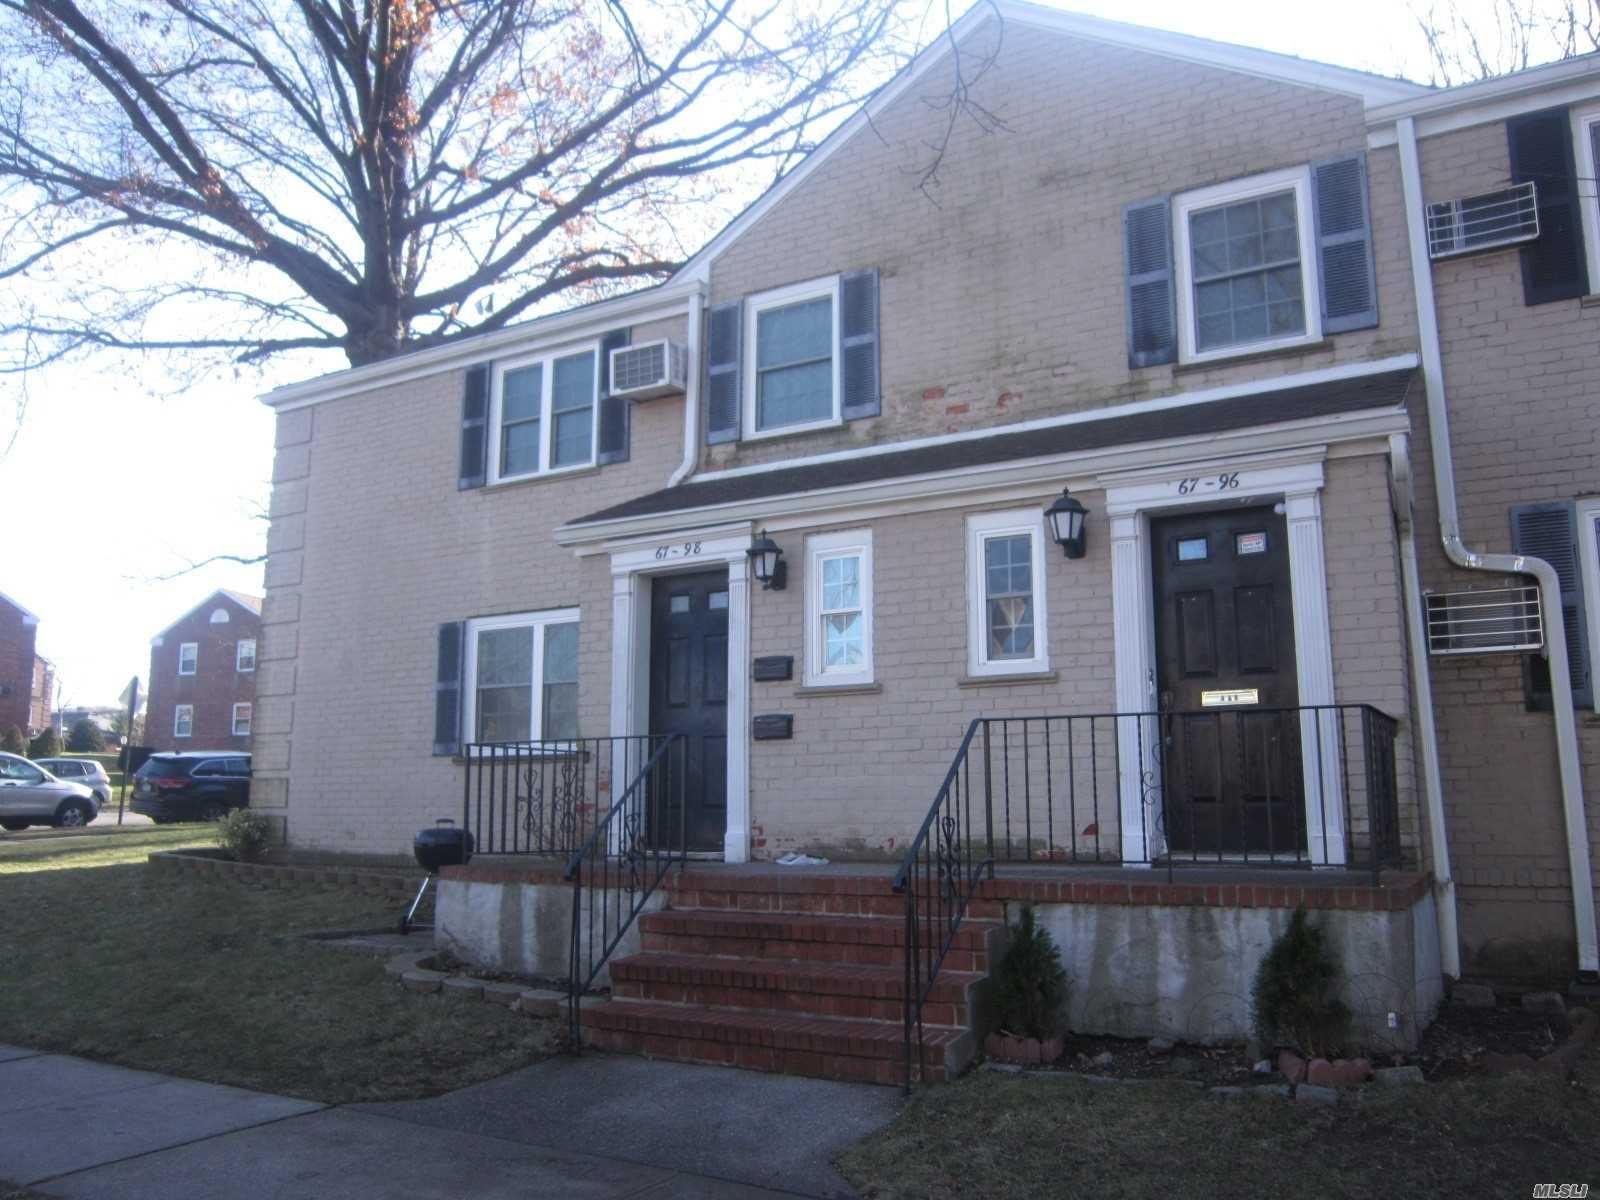 67-96 223 Place #A, Bayside, NY 11364 - MLS#: 3185824